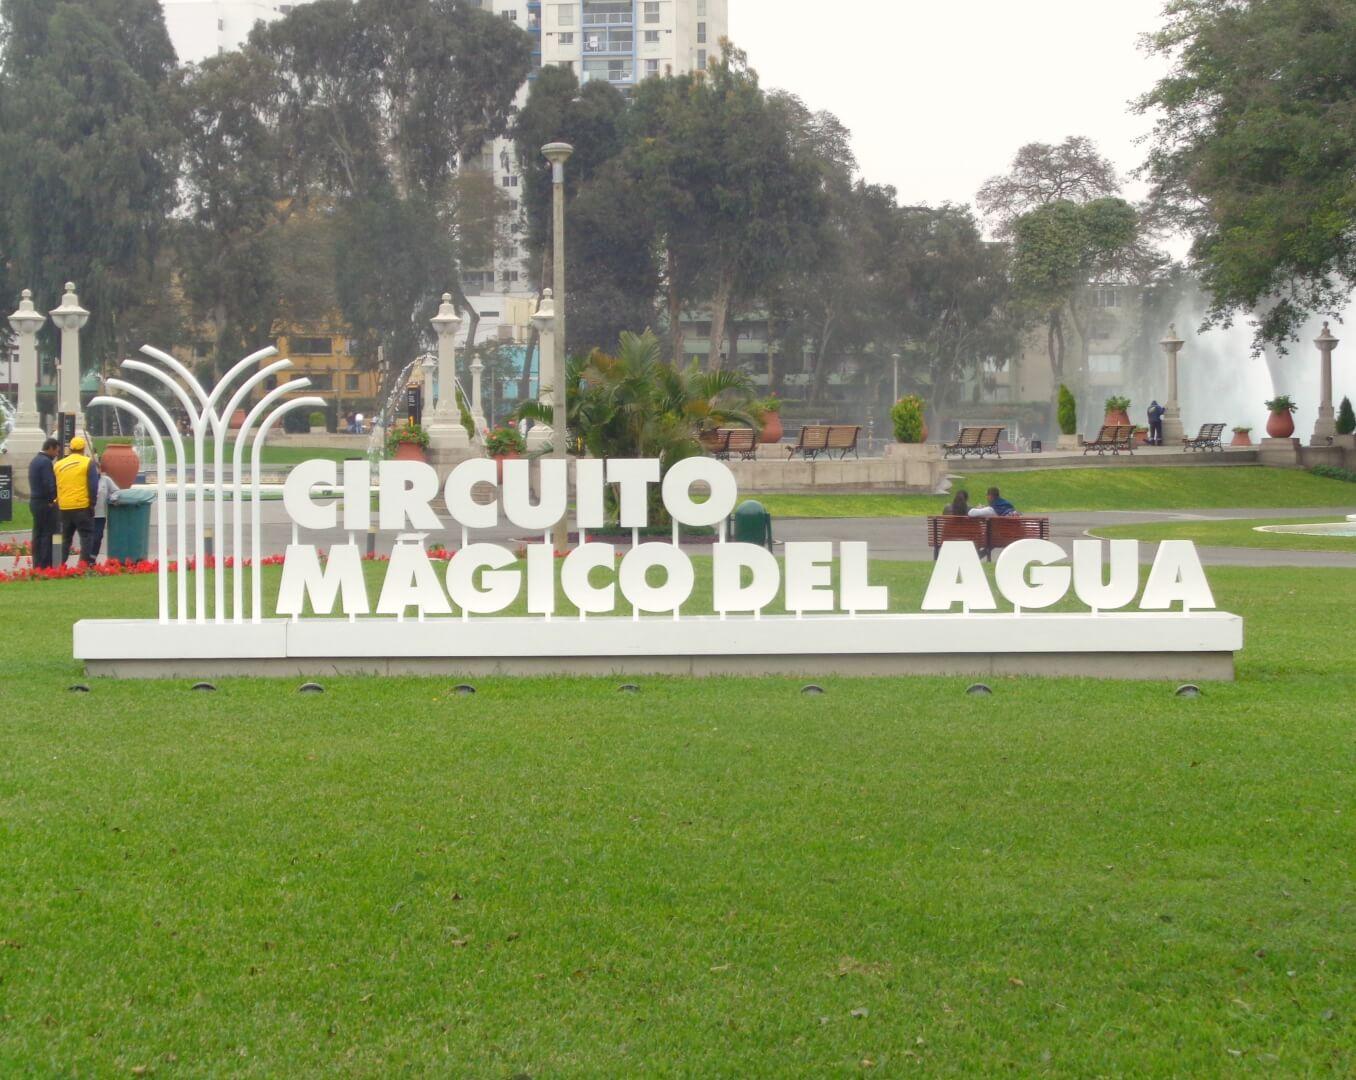 Parque de la Reserva - Circuito Mágico del Agua